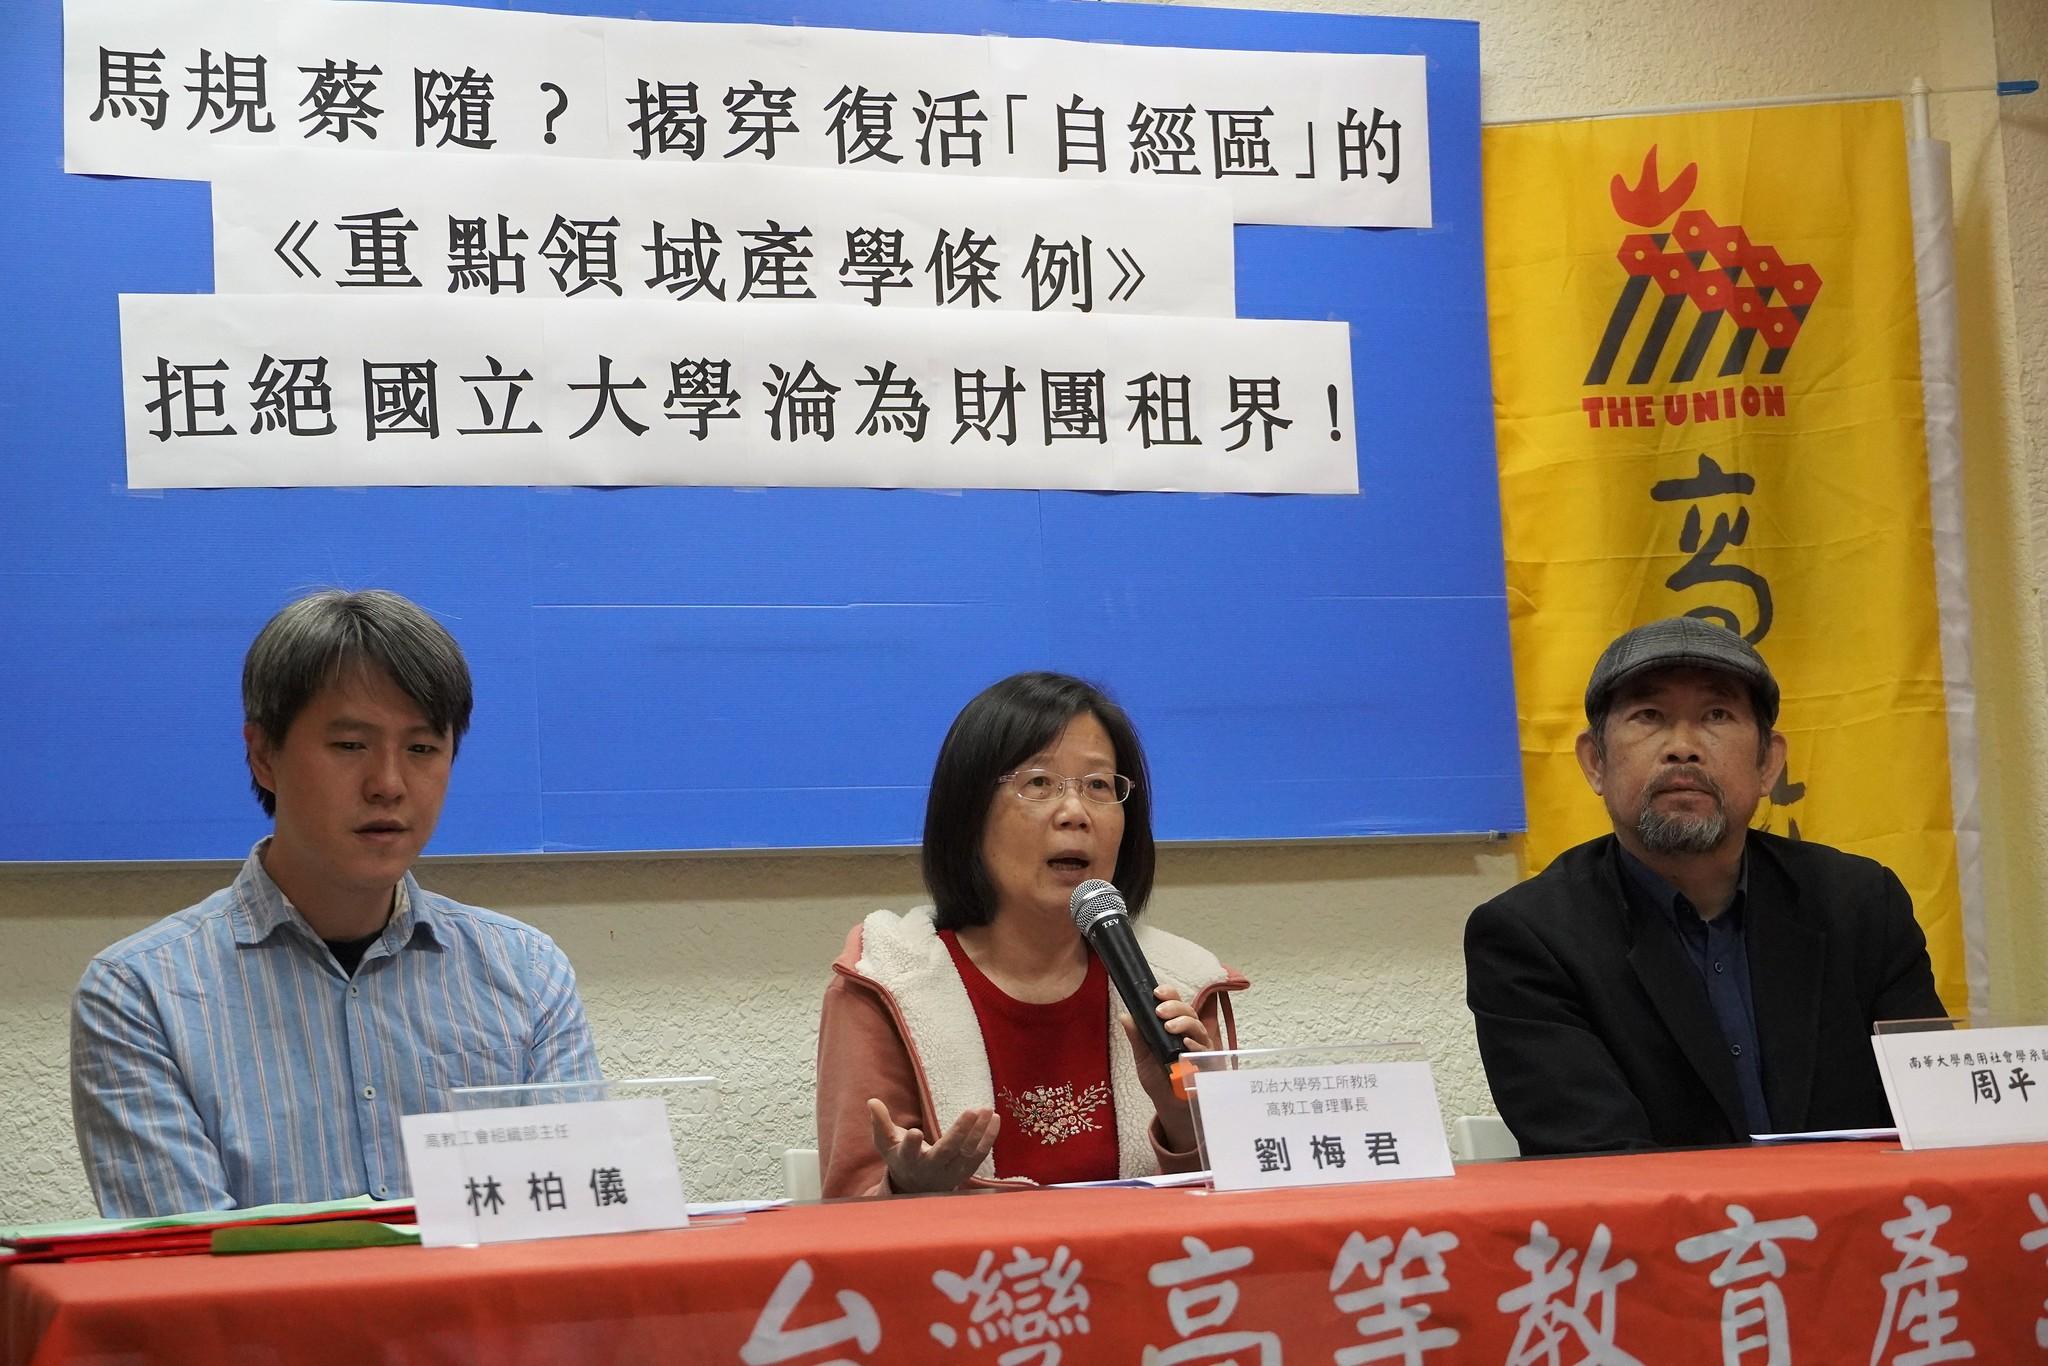 高教工會召開記者會,反對政院闖關《國家重點領域產學合作及人才培育創新條例》。(攝影:張智琦)